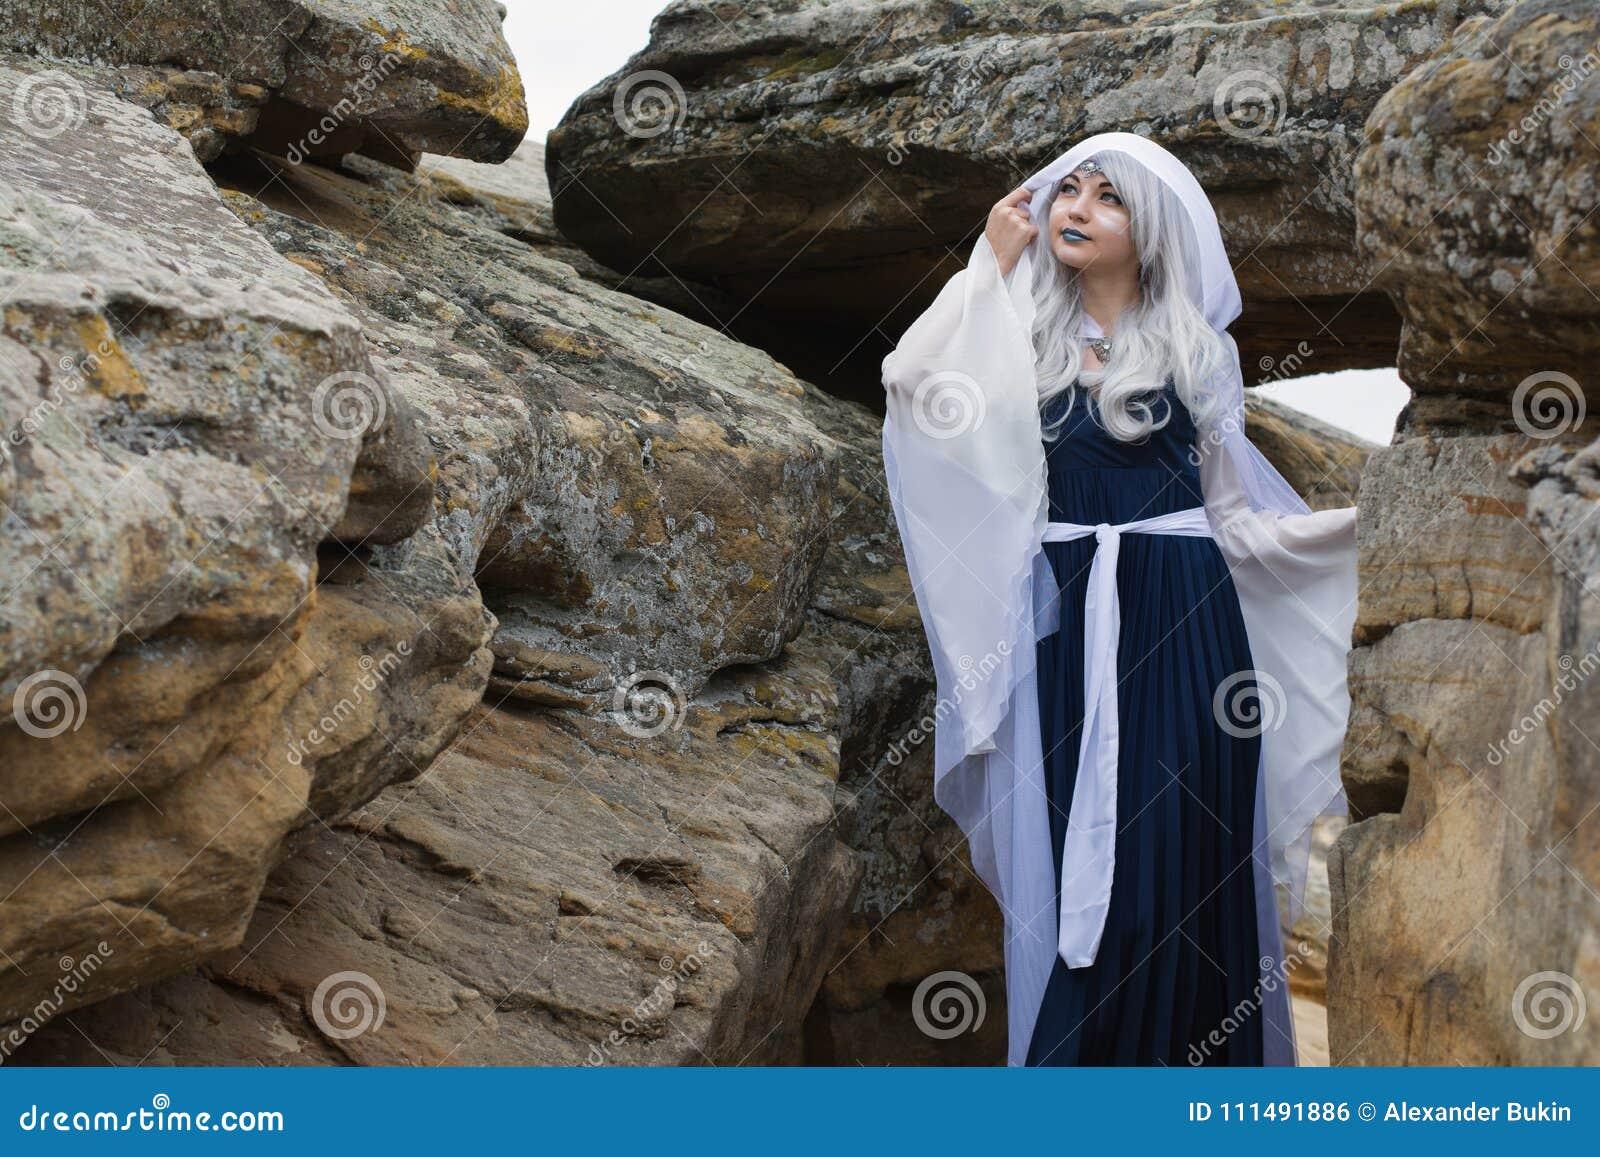 Muchacha Hermosa Vestida Como Duende En Un Vestido Blanco